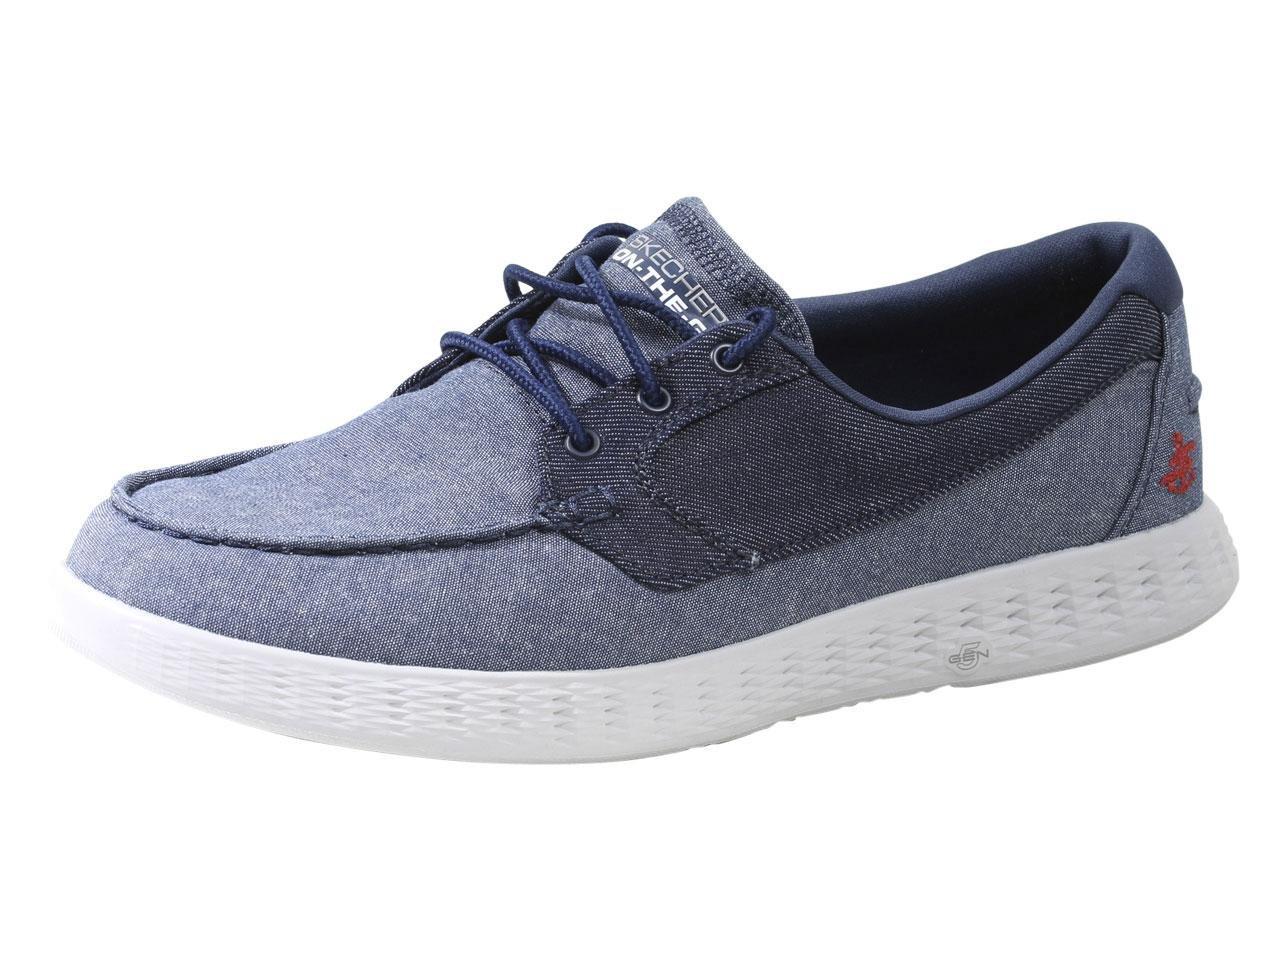 Skechers Go Glide Denim 44 EU Jeans Zapatos de moda en línea Obtenga el mejor descuento de venta caliente-Descuento más grande